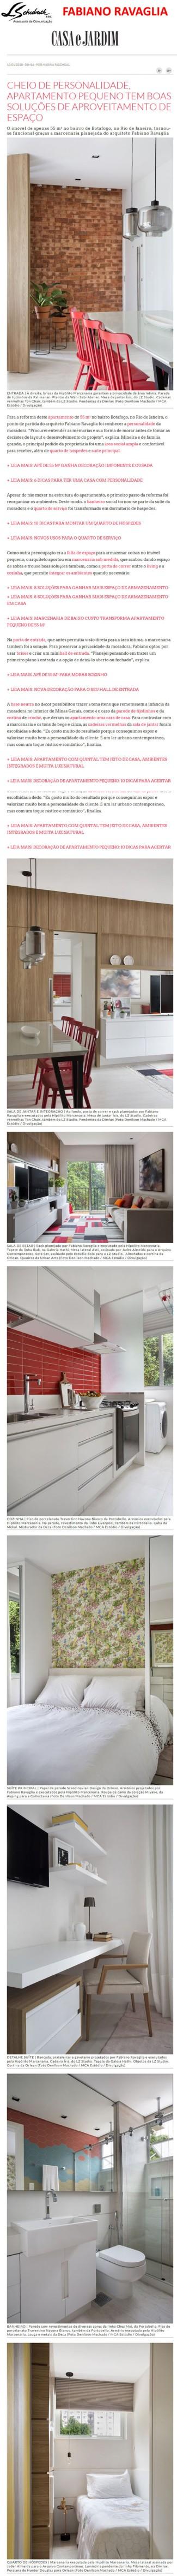 Projeto do arquiteto FABIANO RAVAGLIA no site da revista Casa e Jardim em 10 de janeiro de 2018